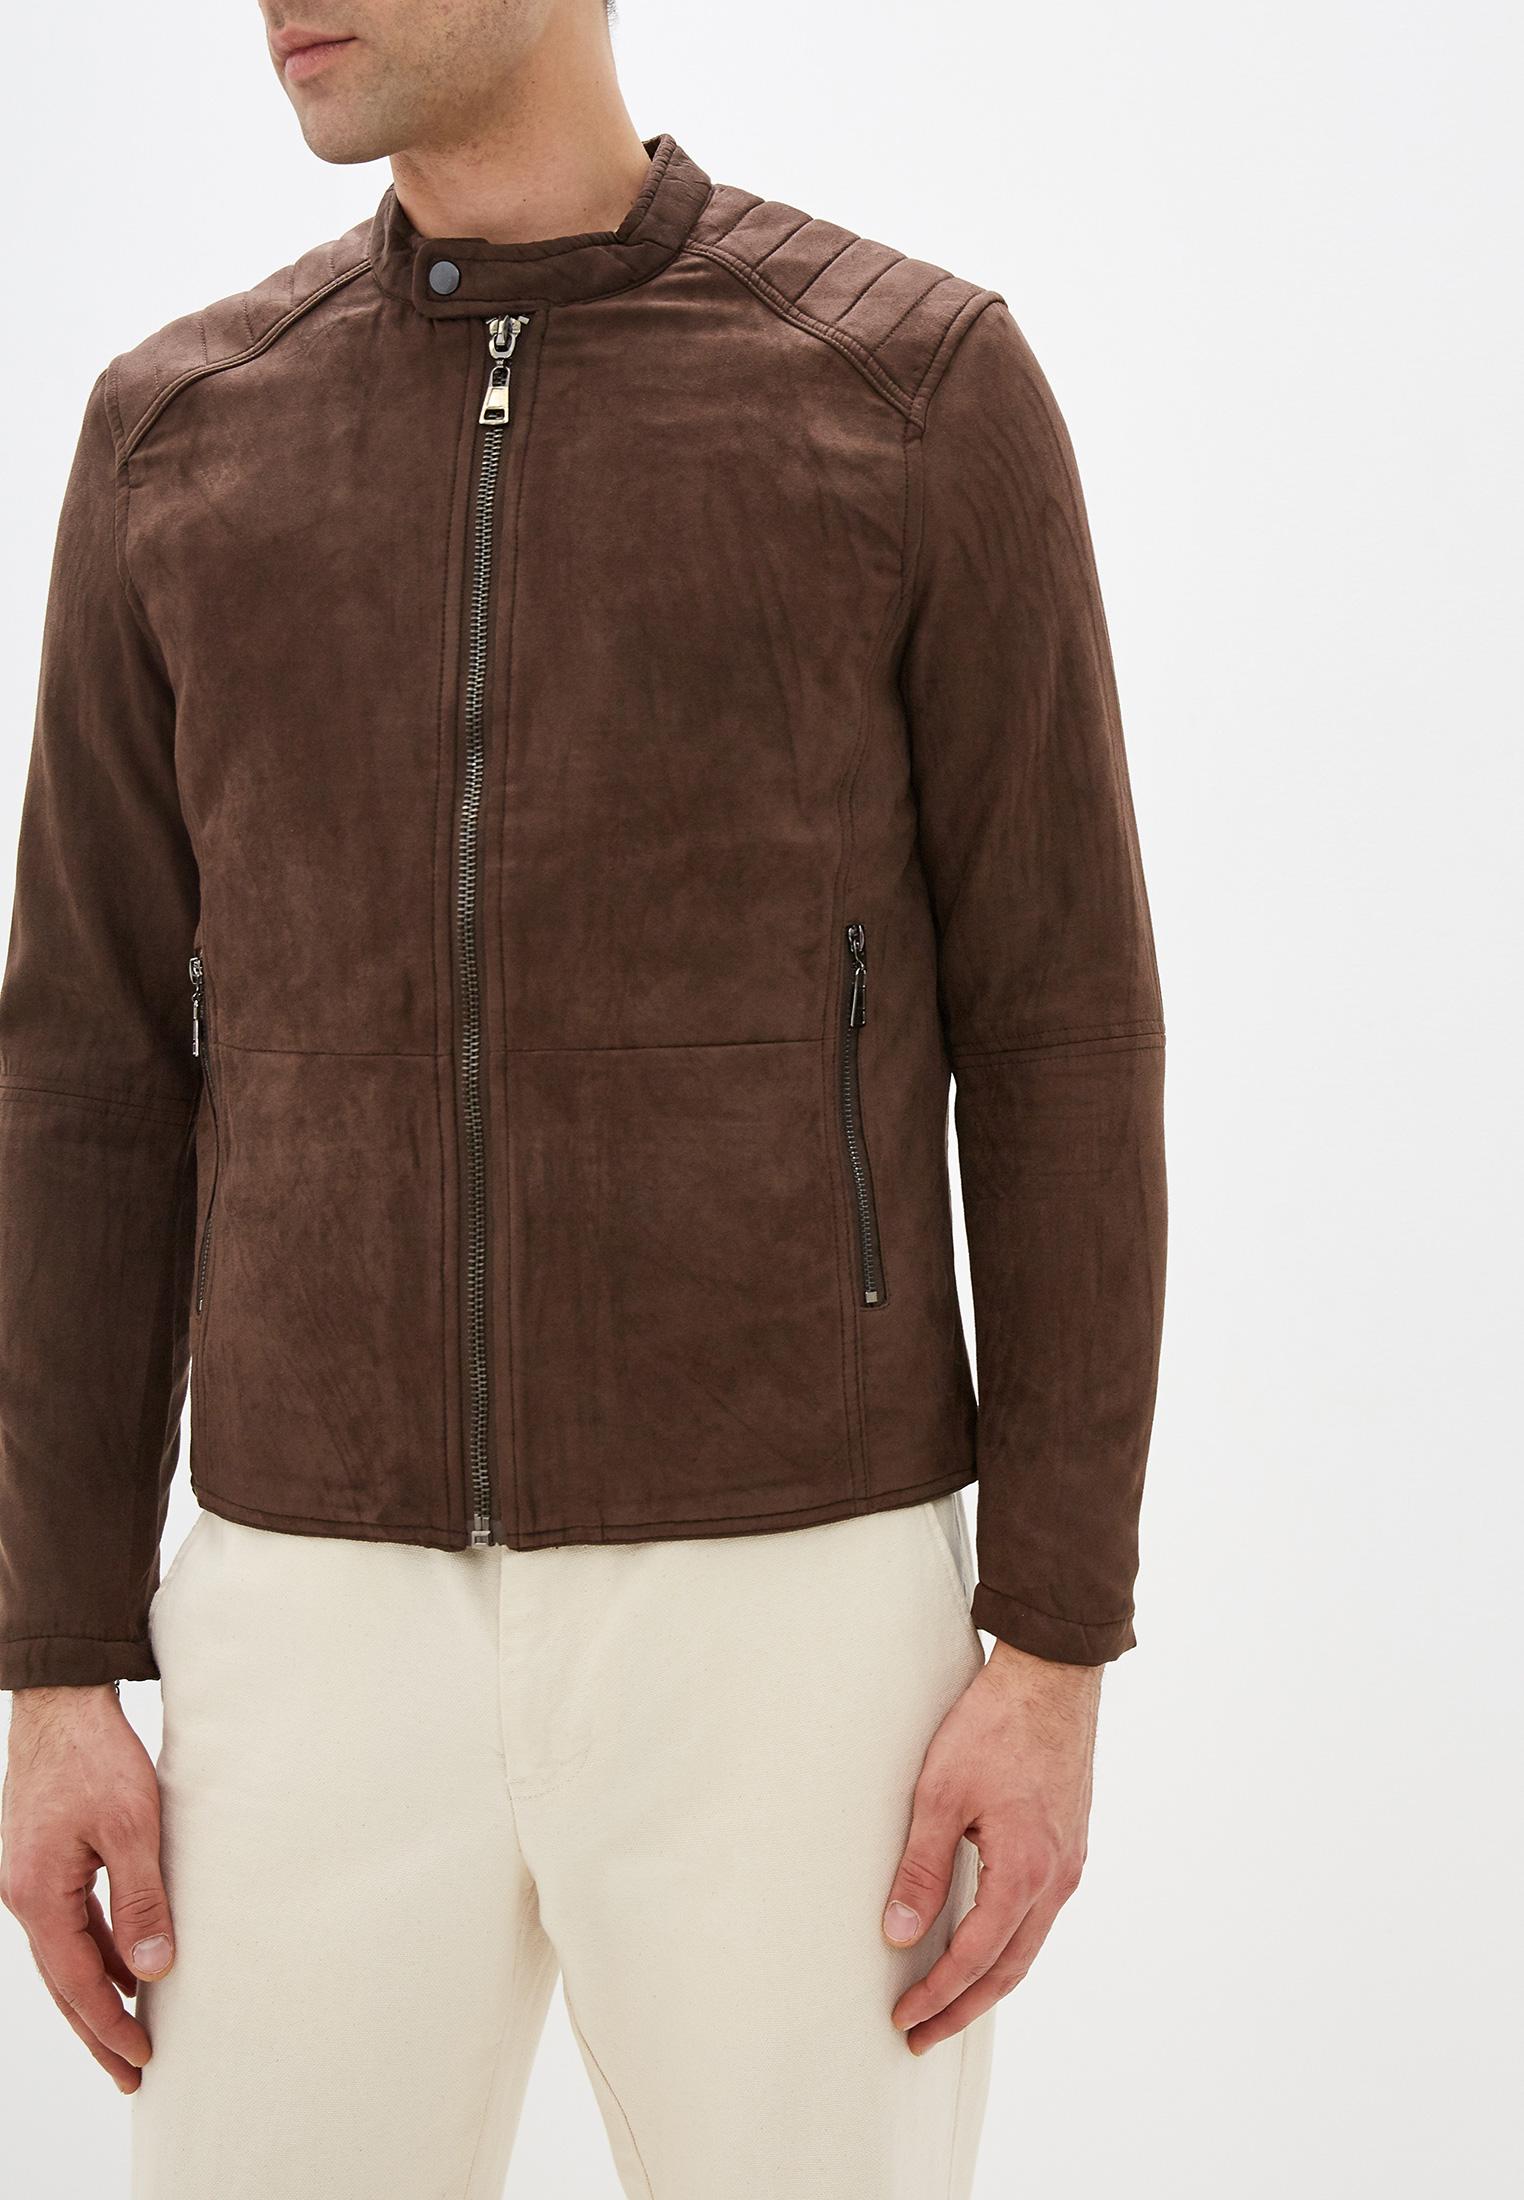 Куртка кожаная, Tony Backer, цвет: коричневый. Артикул: TO043EMHDSC5. Одежда / Верхняя одежда / Кожаные куртки